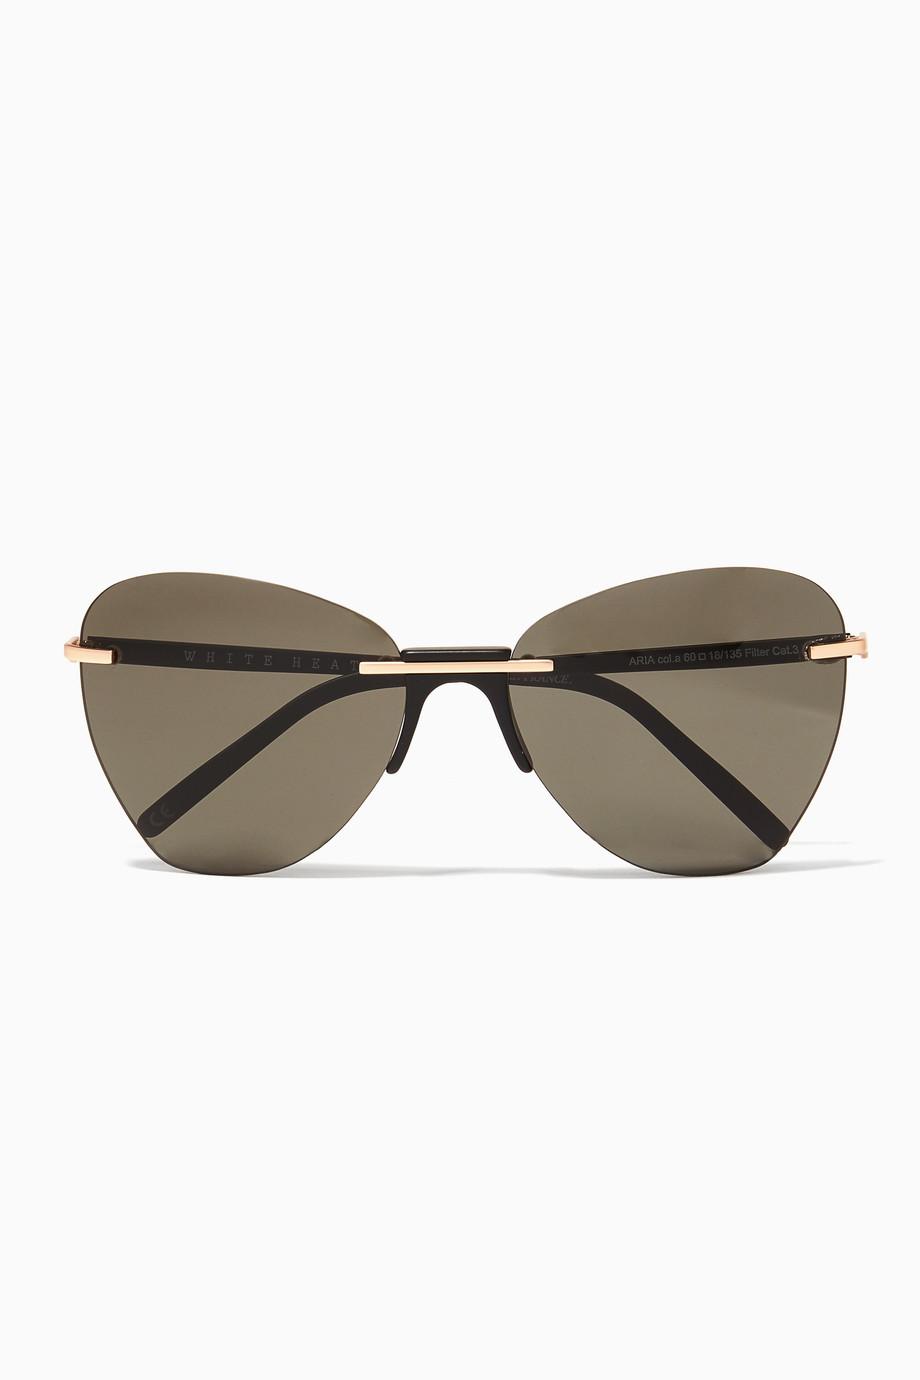 44eb8e0a9f4e Shop Andy Wolf Black Black Aria Sunglasses for Women